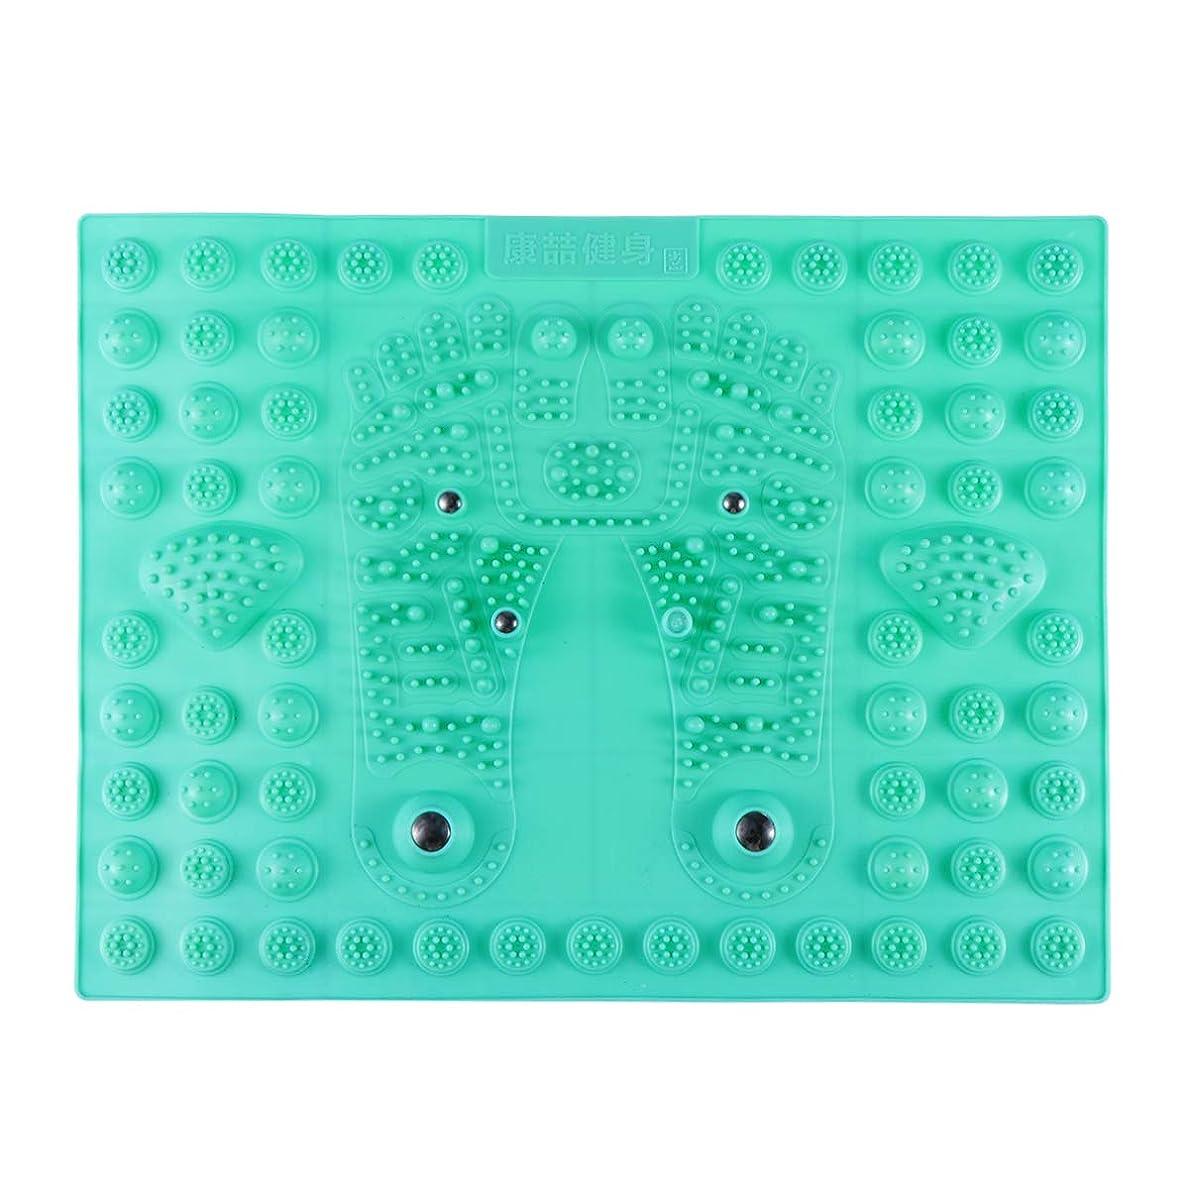 故意の疎外禁輸Healifty リフレックスマッサージマット フットマッサージャー 磁気療法 プラスチック つま先プレッシャー プレートマッサージパッド 指圧リラクゼーションマット(グリーン)